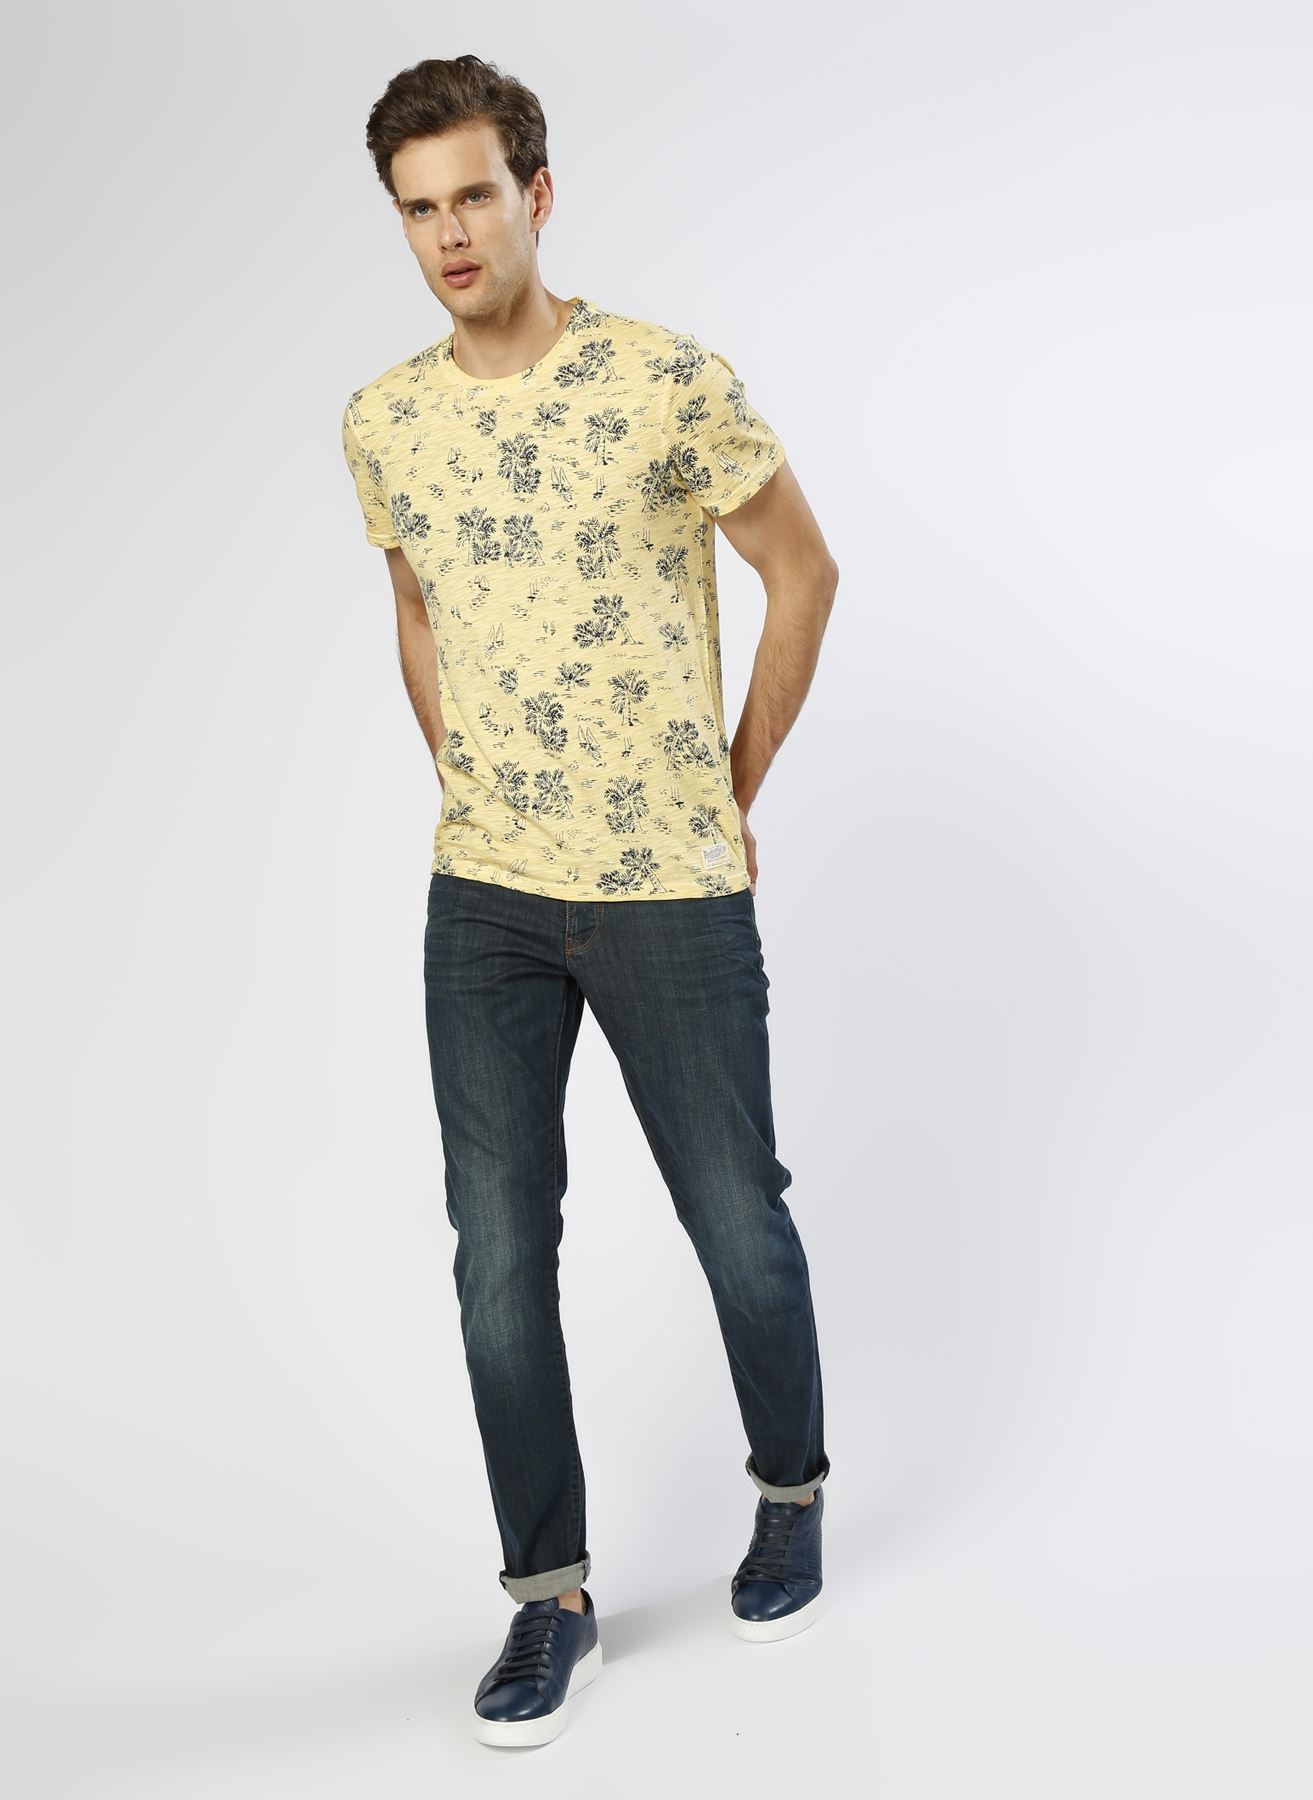 Loft Koyu İndigo Klasik Pantolon 34-32 5000201986013 Ürün Resmi